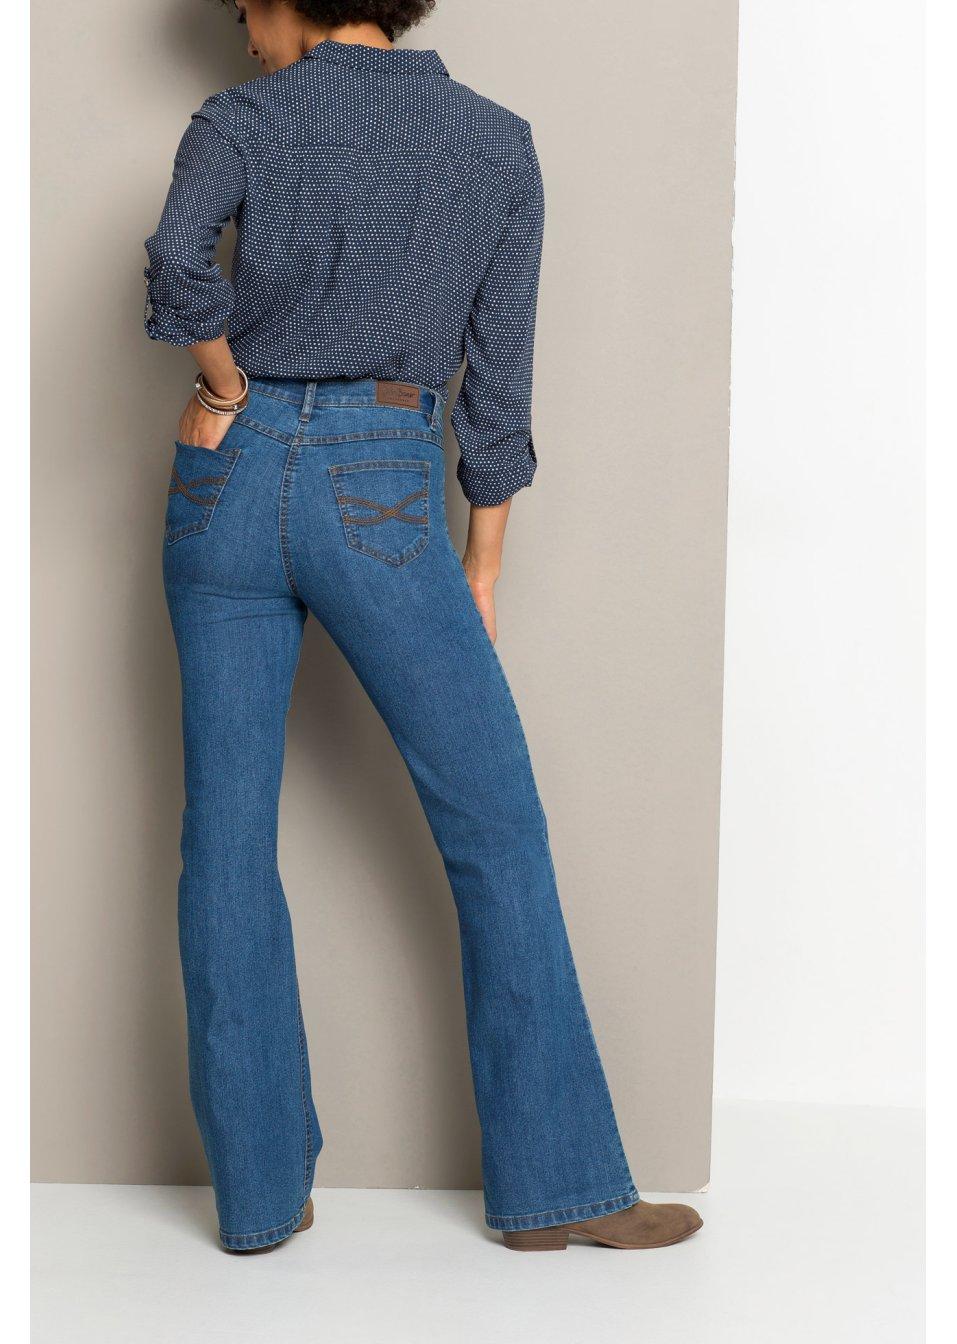 e3eeaca13fcc Jeans da donna classici e trendy online su bonprix